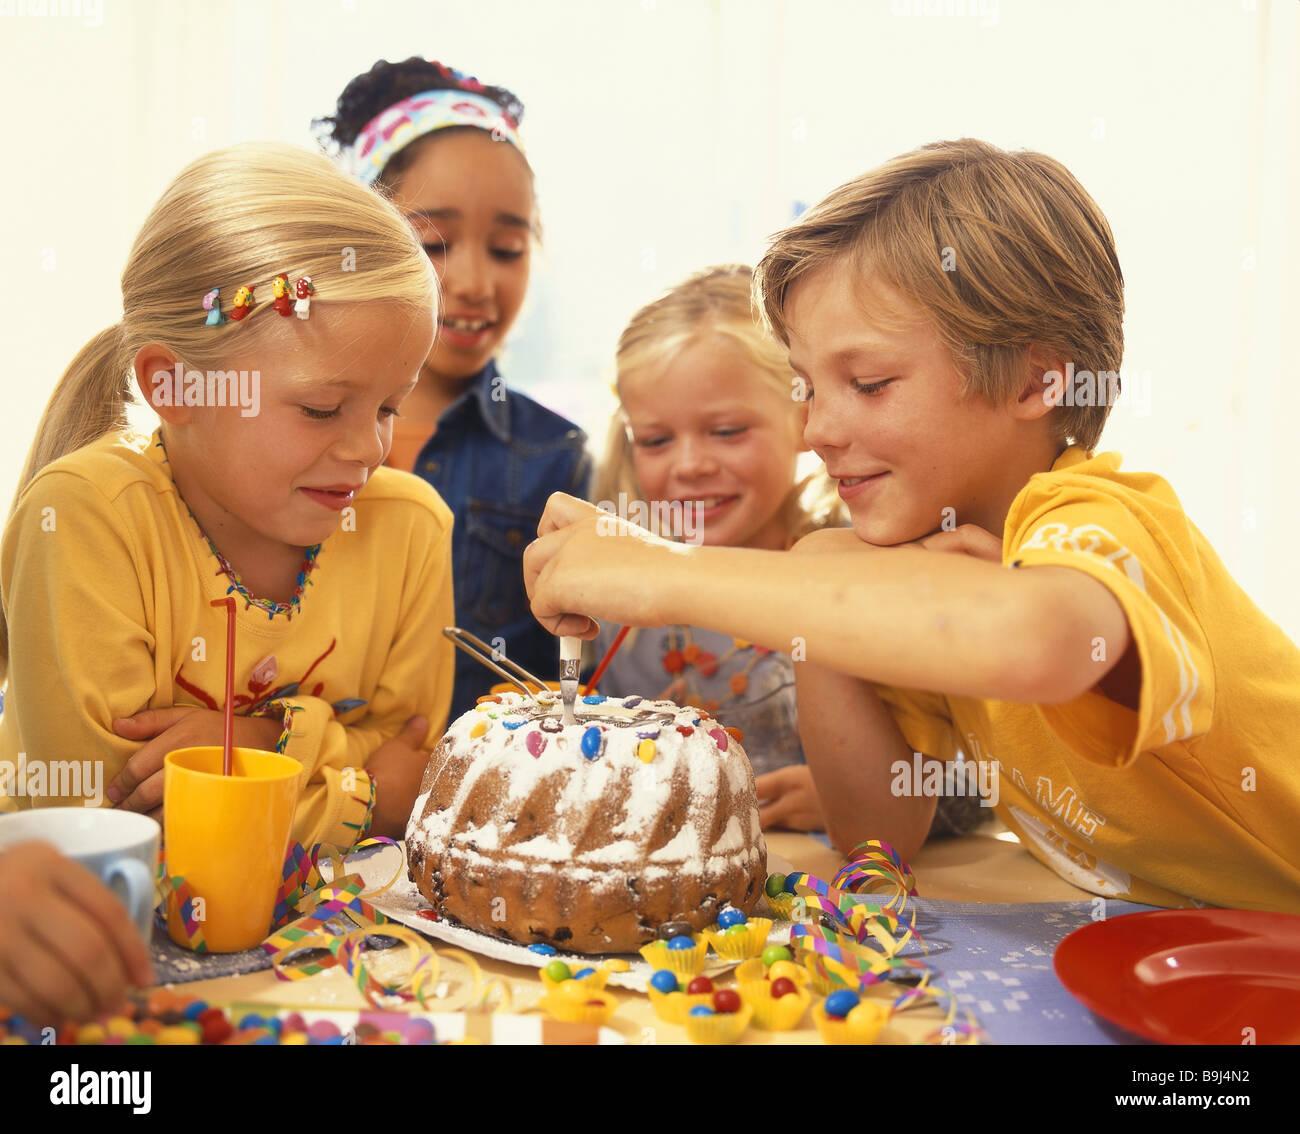 Kindergeburtstag Party Junge Madchen Kuchen Broschen Feiert Frohlich